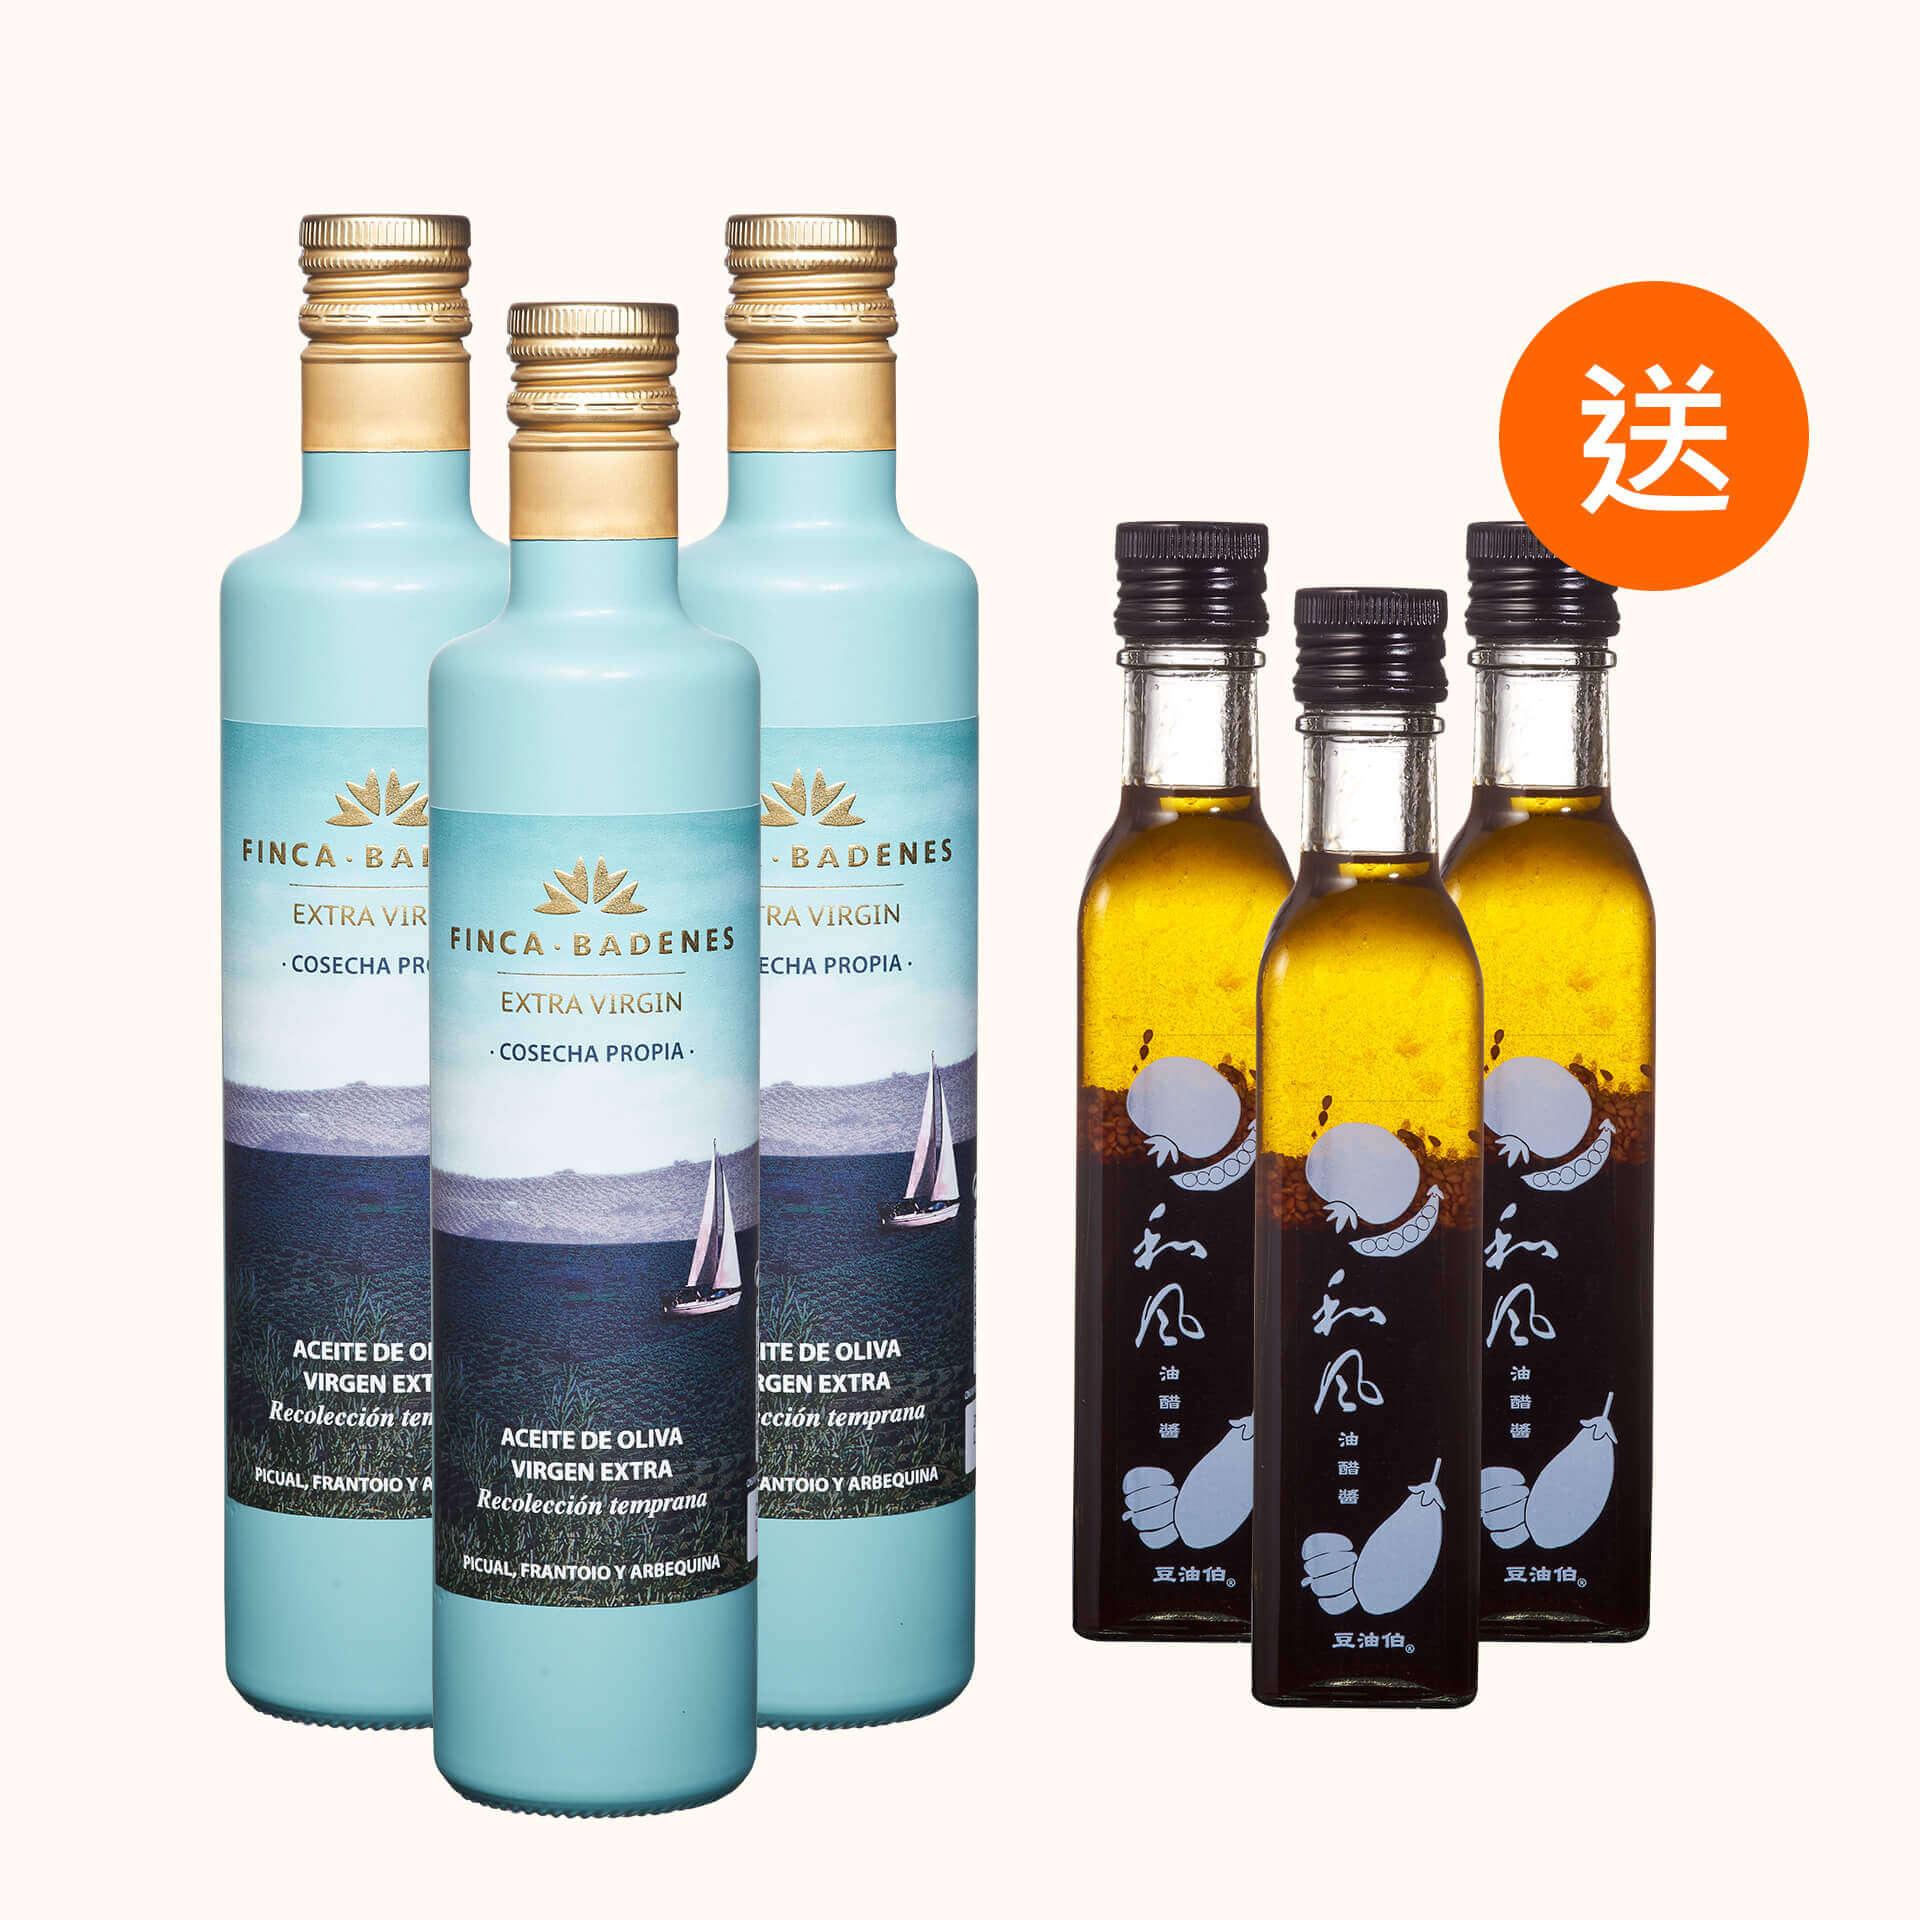 【買3送3】巴狄尼絲橄欖油 3入(500ml)+和風油醋醬3入(250ml)(共6入)